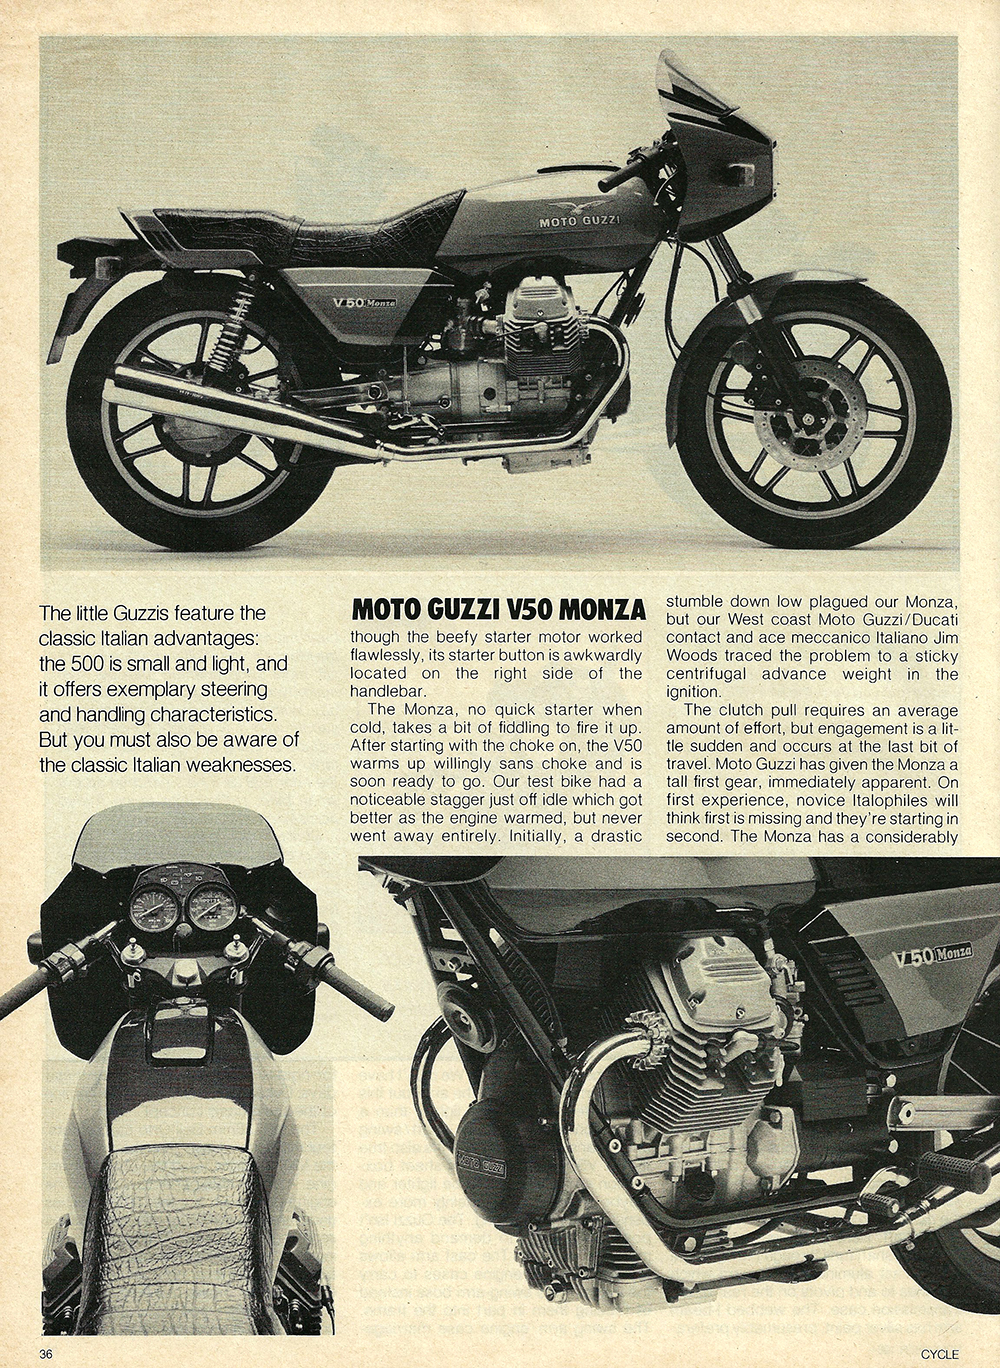 1981 Moto Guzzi V50 Monza road test 05.jpg